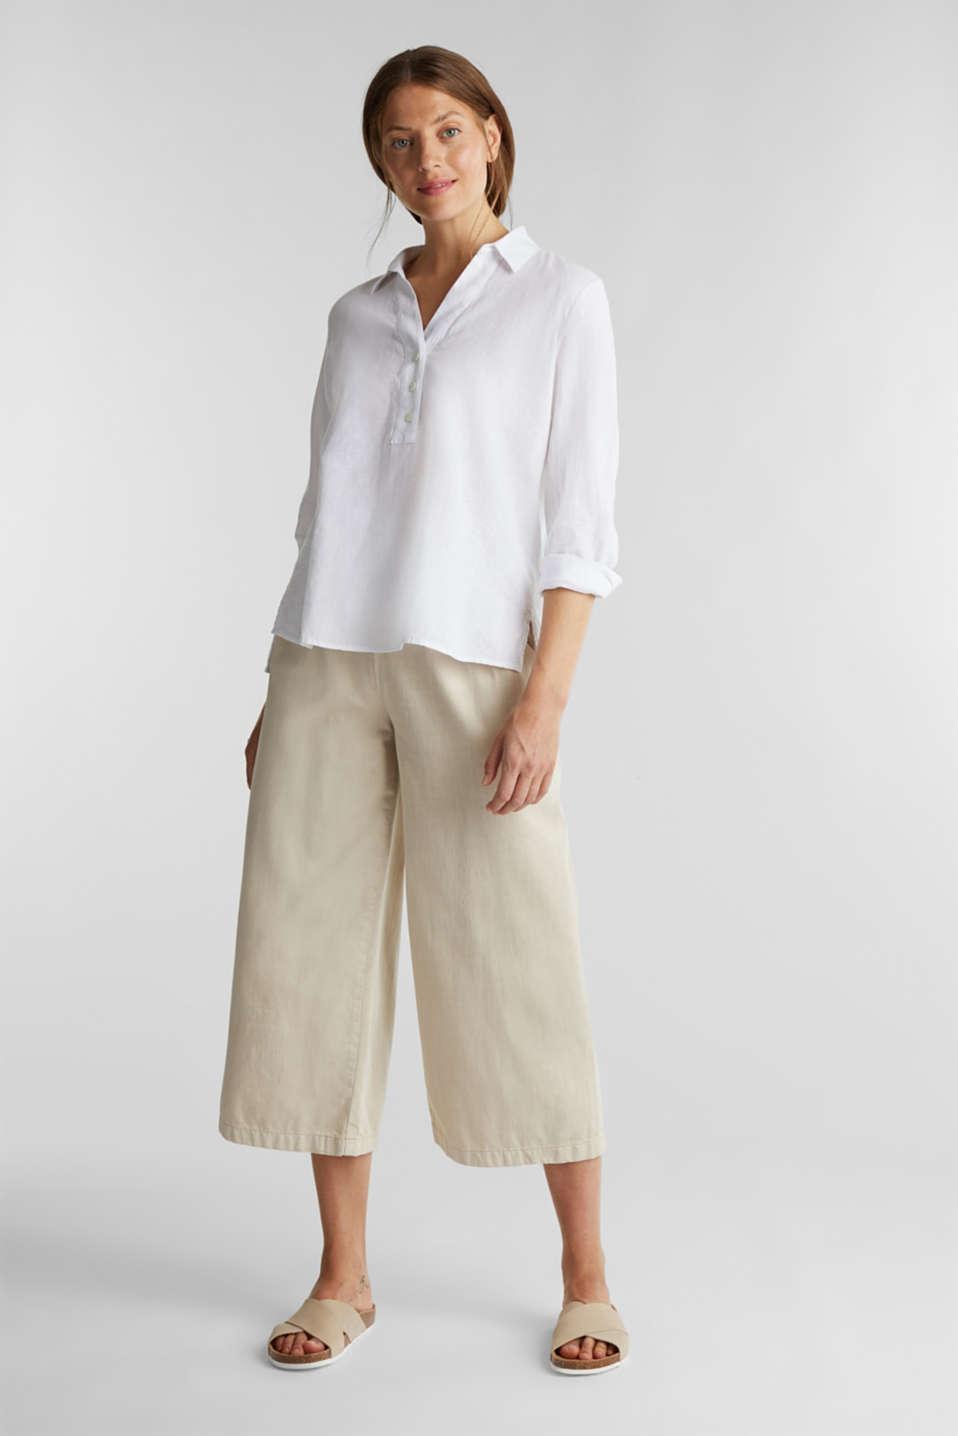 Slip-on blouse in blended linen, WHITE, detail image number 1